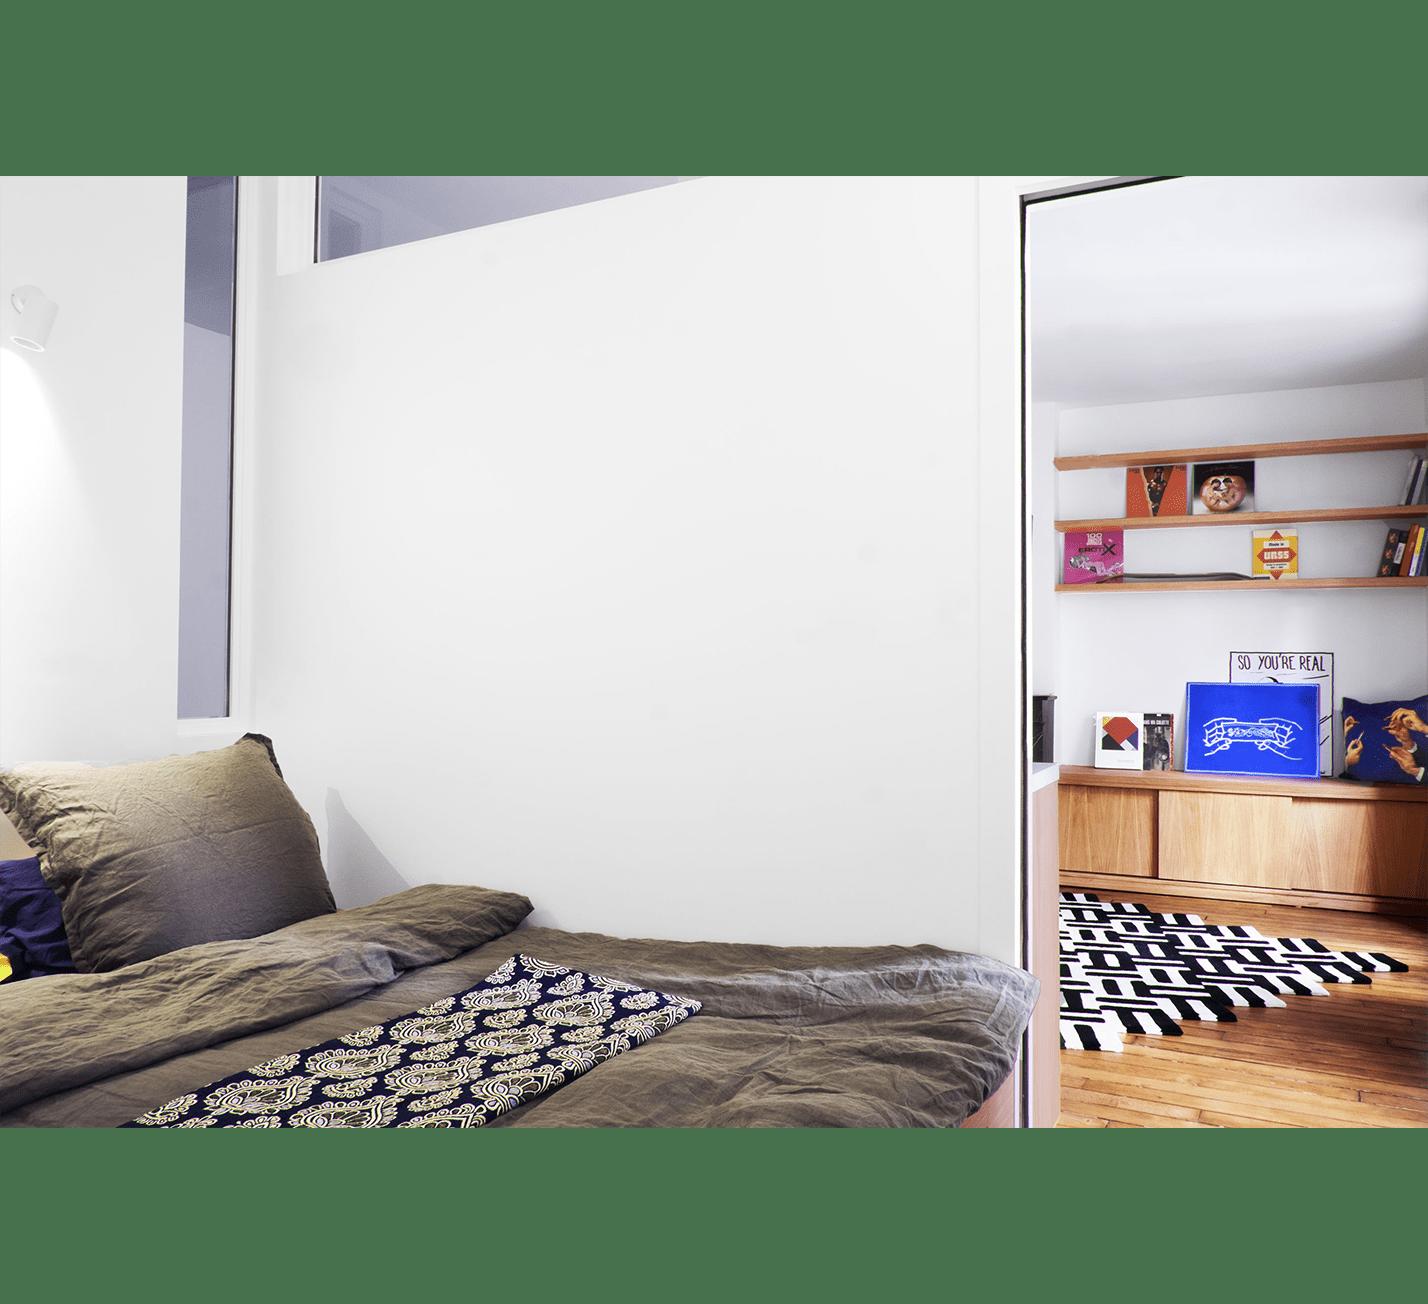 Projet-Montmartre-Atelier-Steve-Pauline-Borgia-Architecture-interieur-02-min